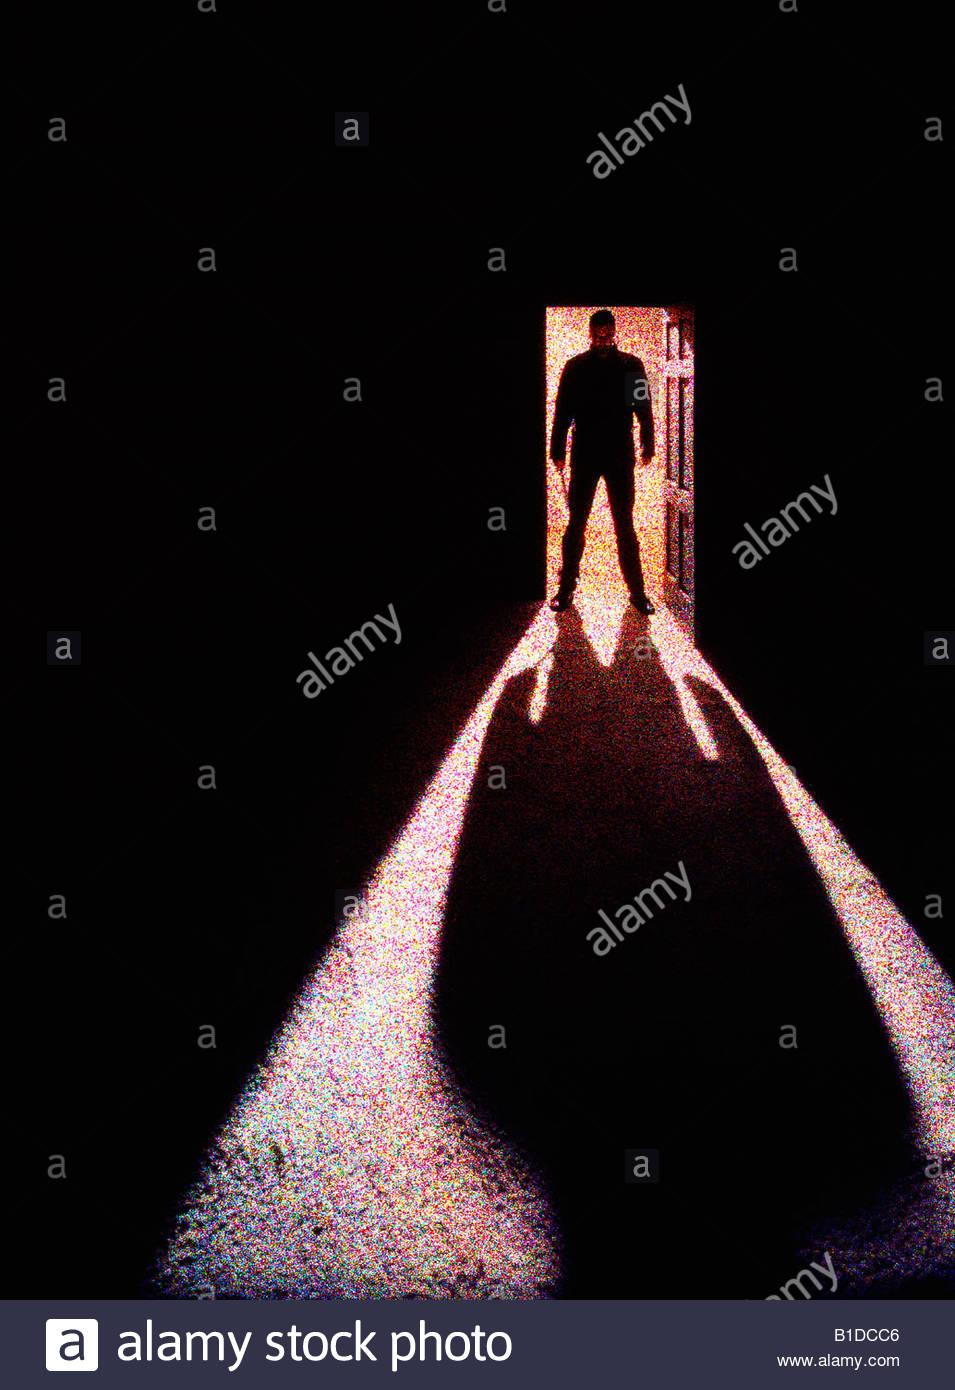 Une silhouette menaçante d'un homme tenant un couteau, d'une porte. Photo Stock